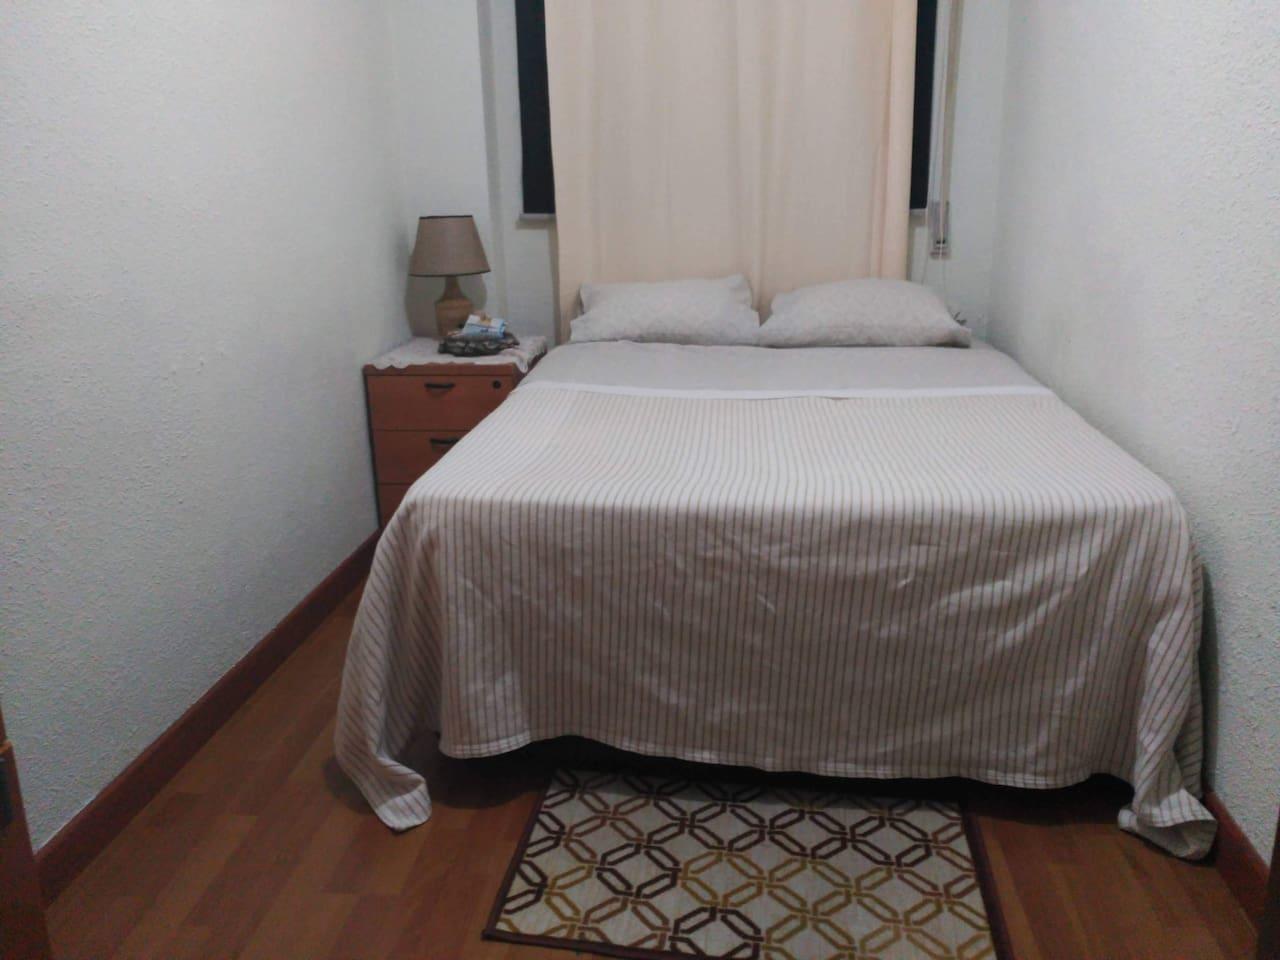 Habitación para una persona o pareja. Cuenta con una cama de 135 cm. Disponemos de secadora de pelo, plancha, planchador, etc.